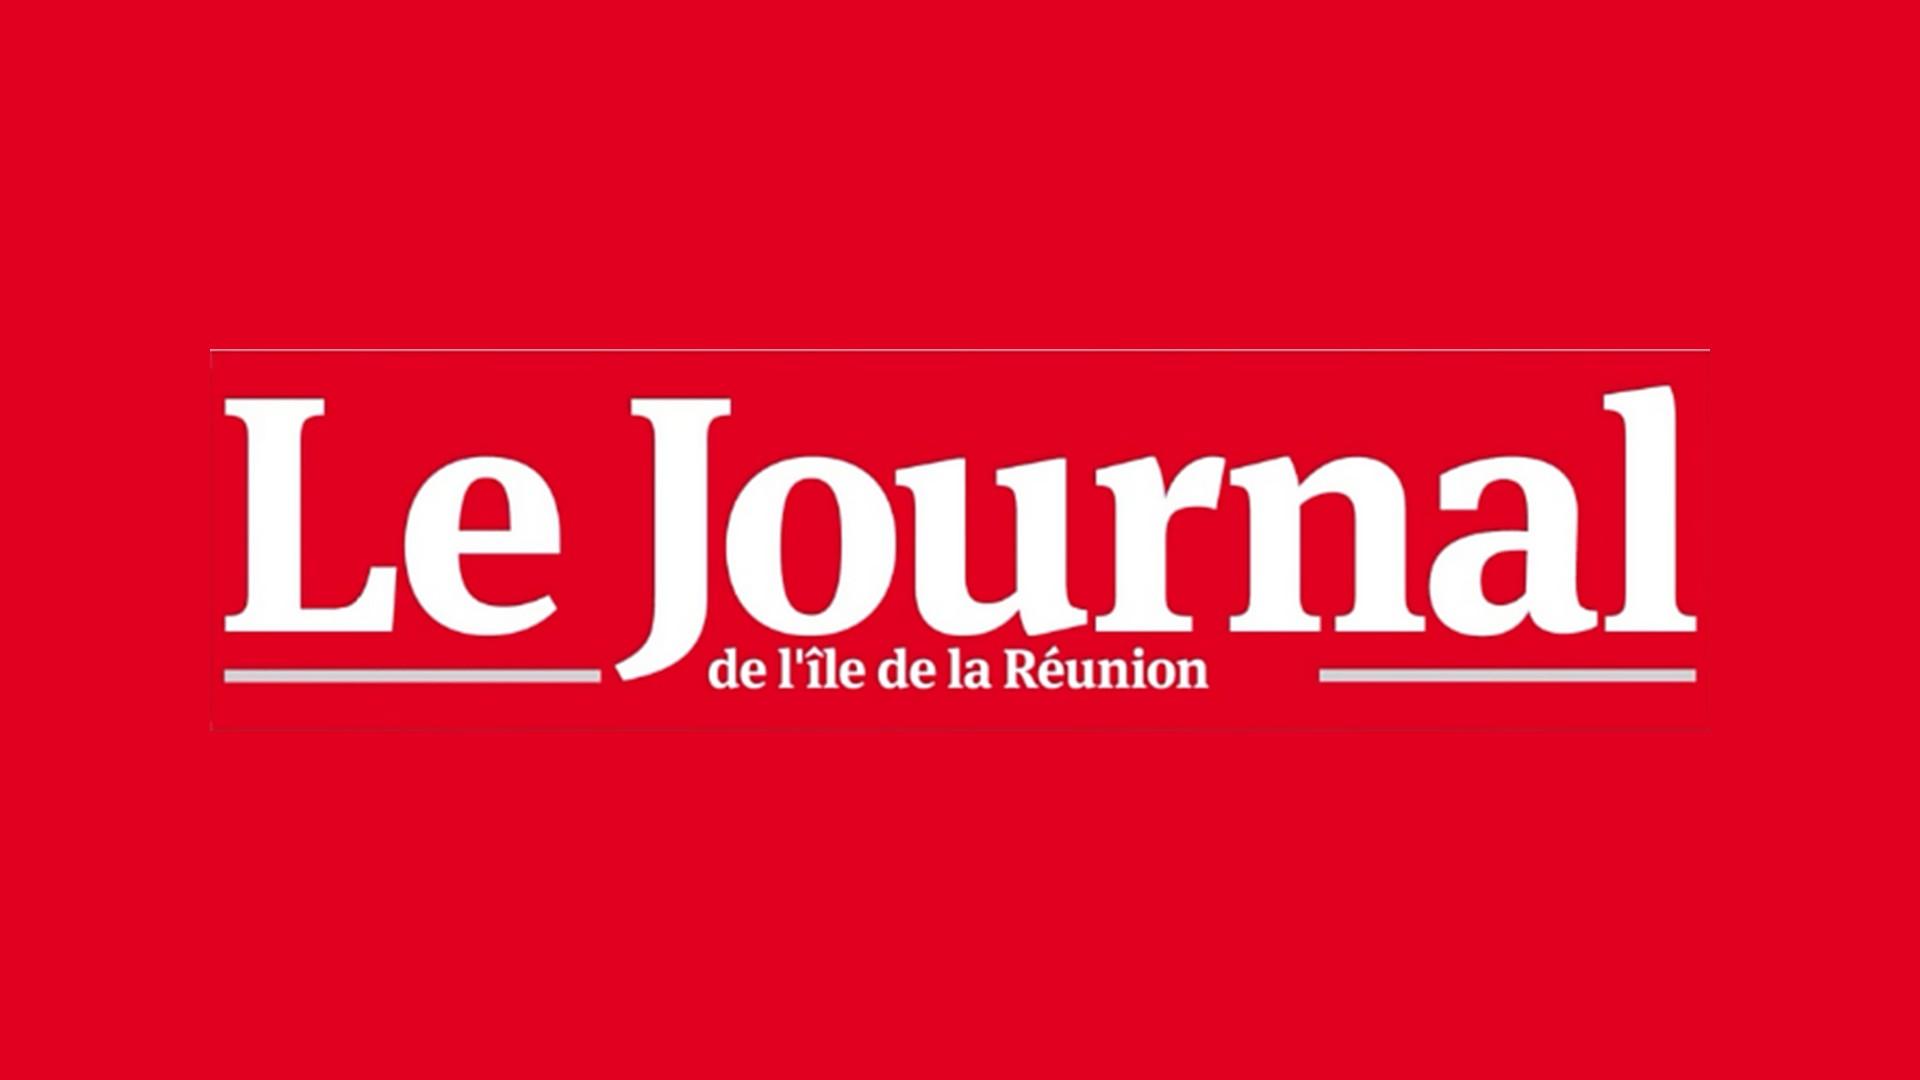 Le Journal de l'Ile de la Réunion (JIR)